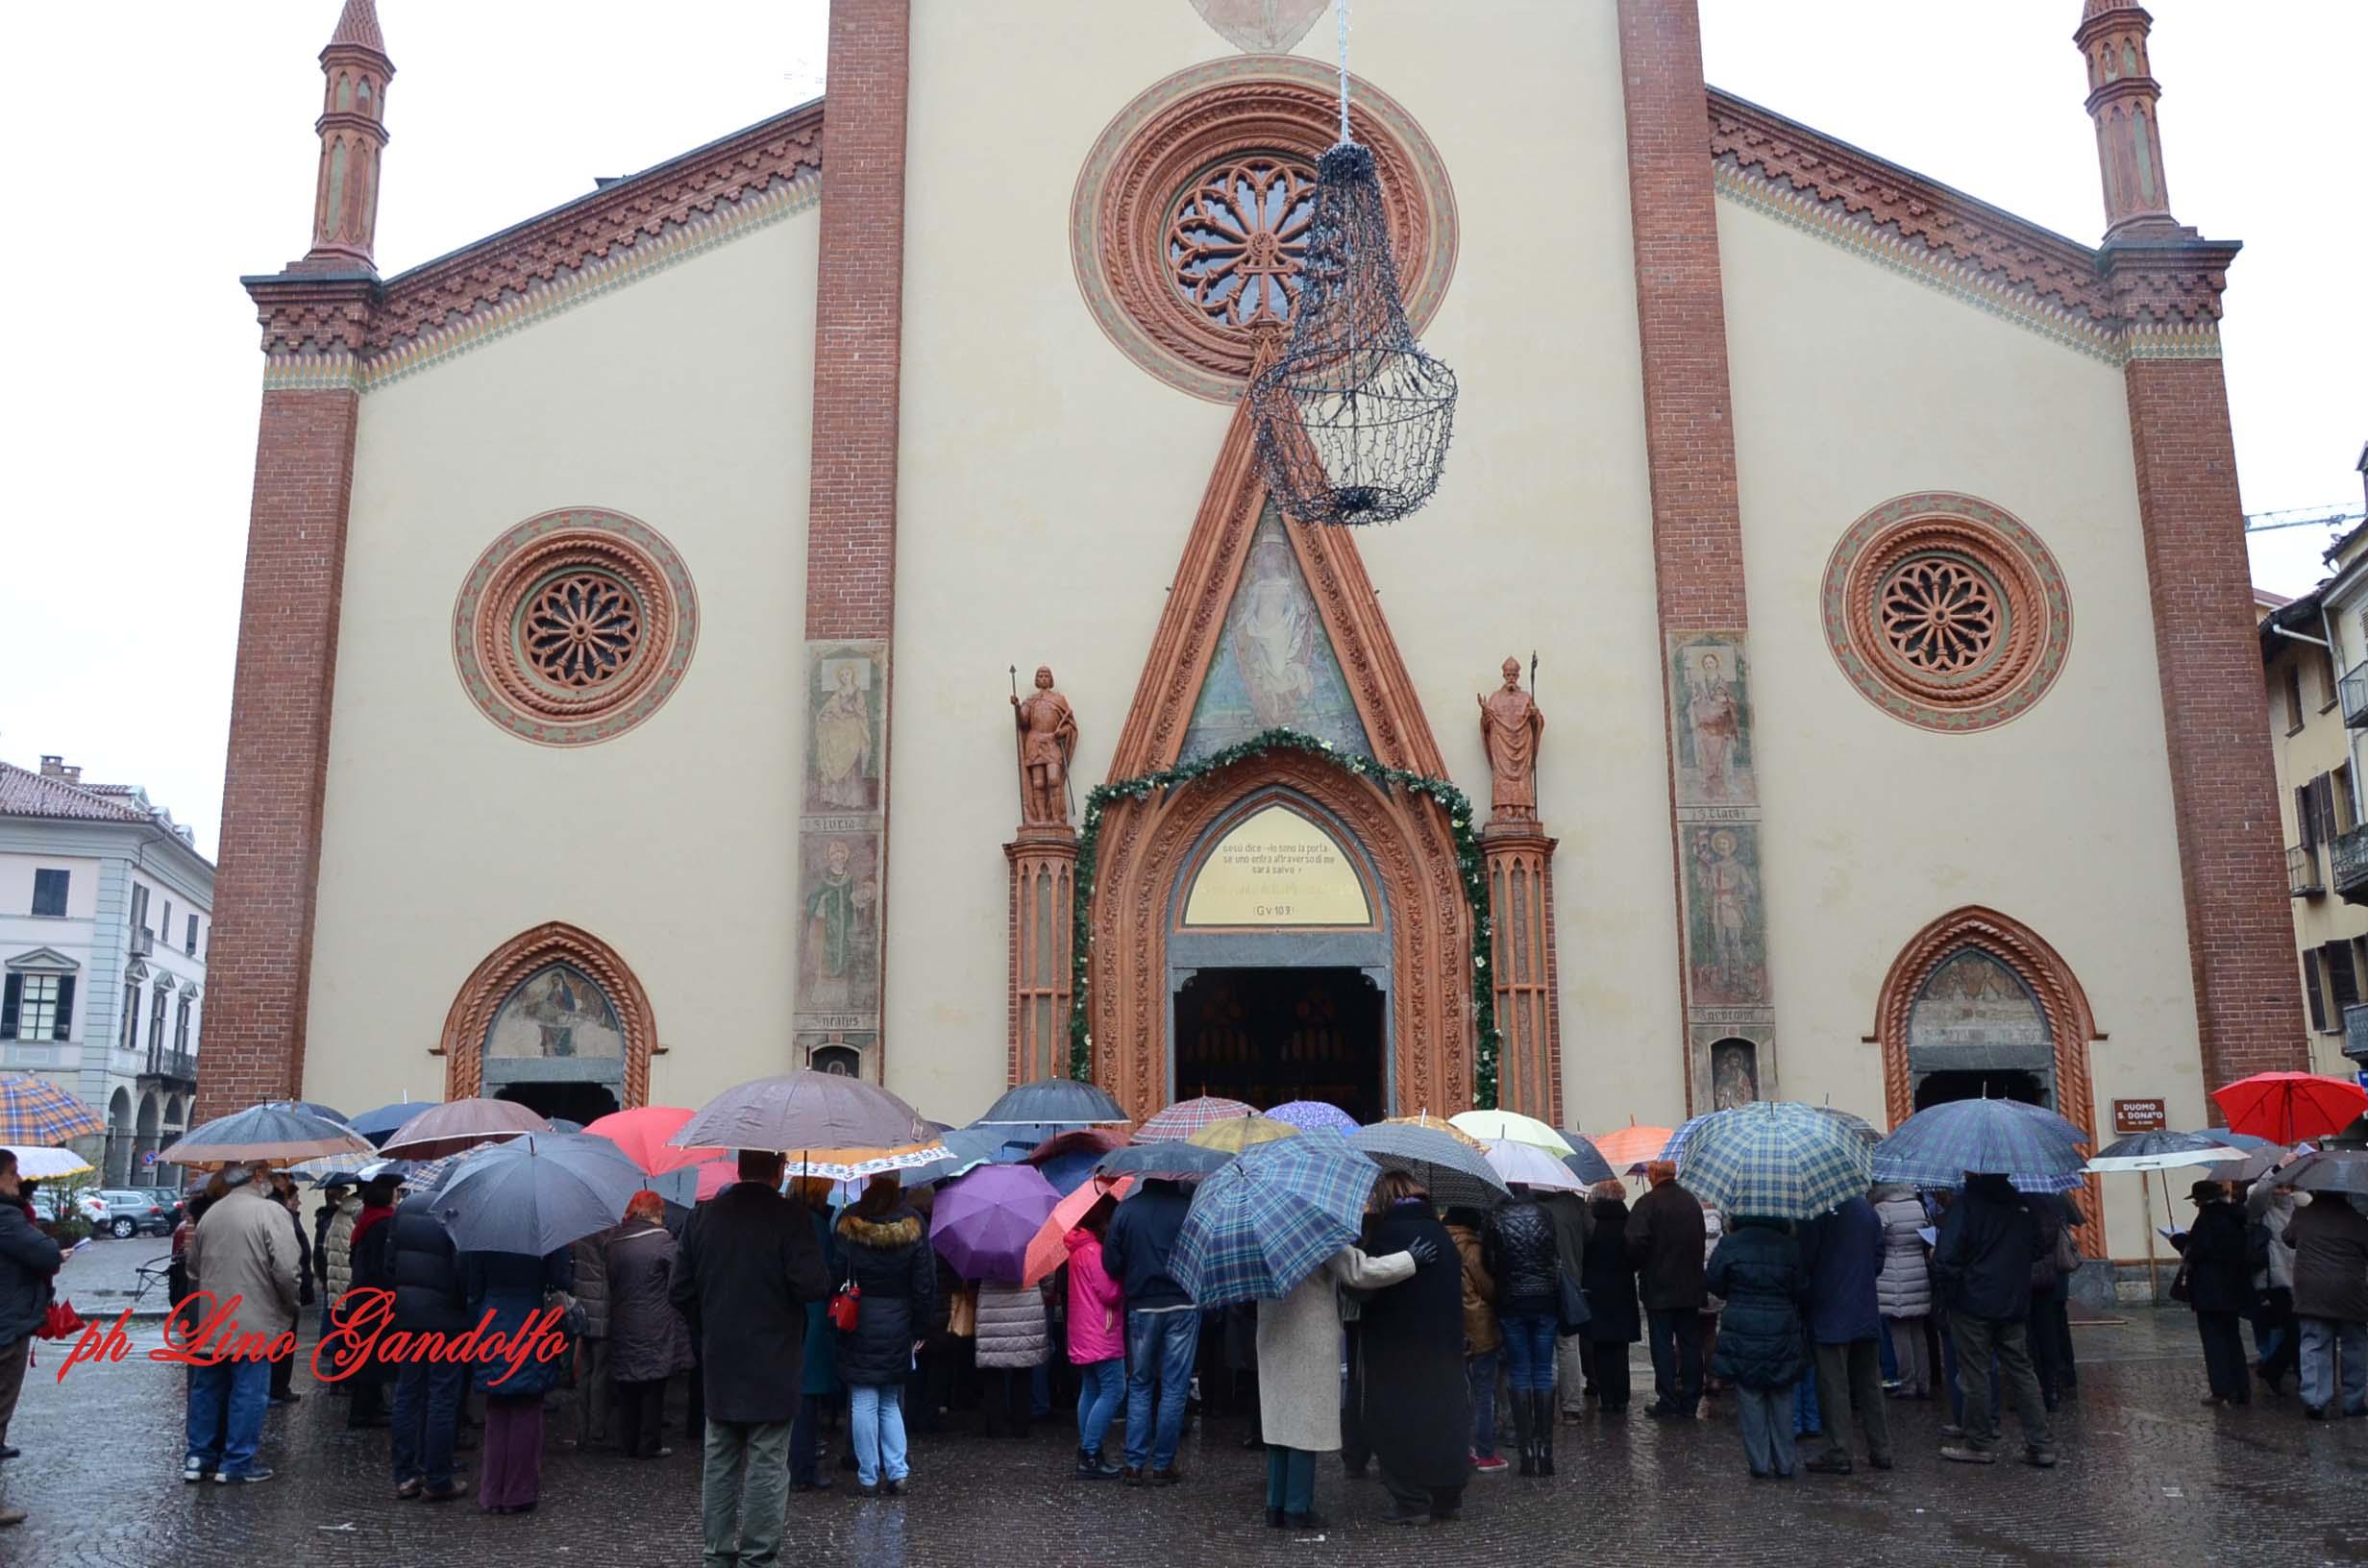 [photogallery] Lo scorso 28 febbraio a Pinerolo il Giubileo della Zona pastorale Pianura